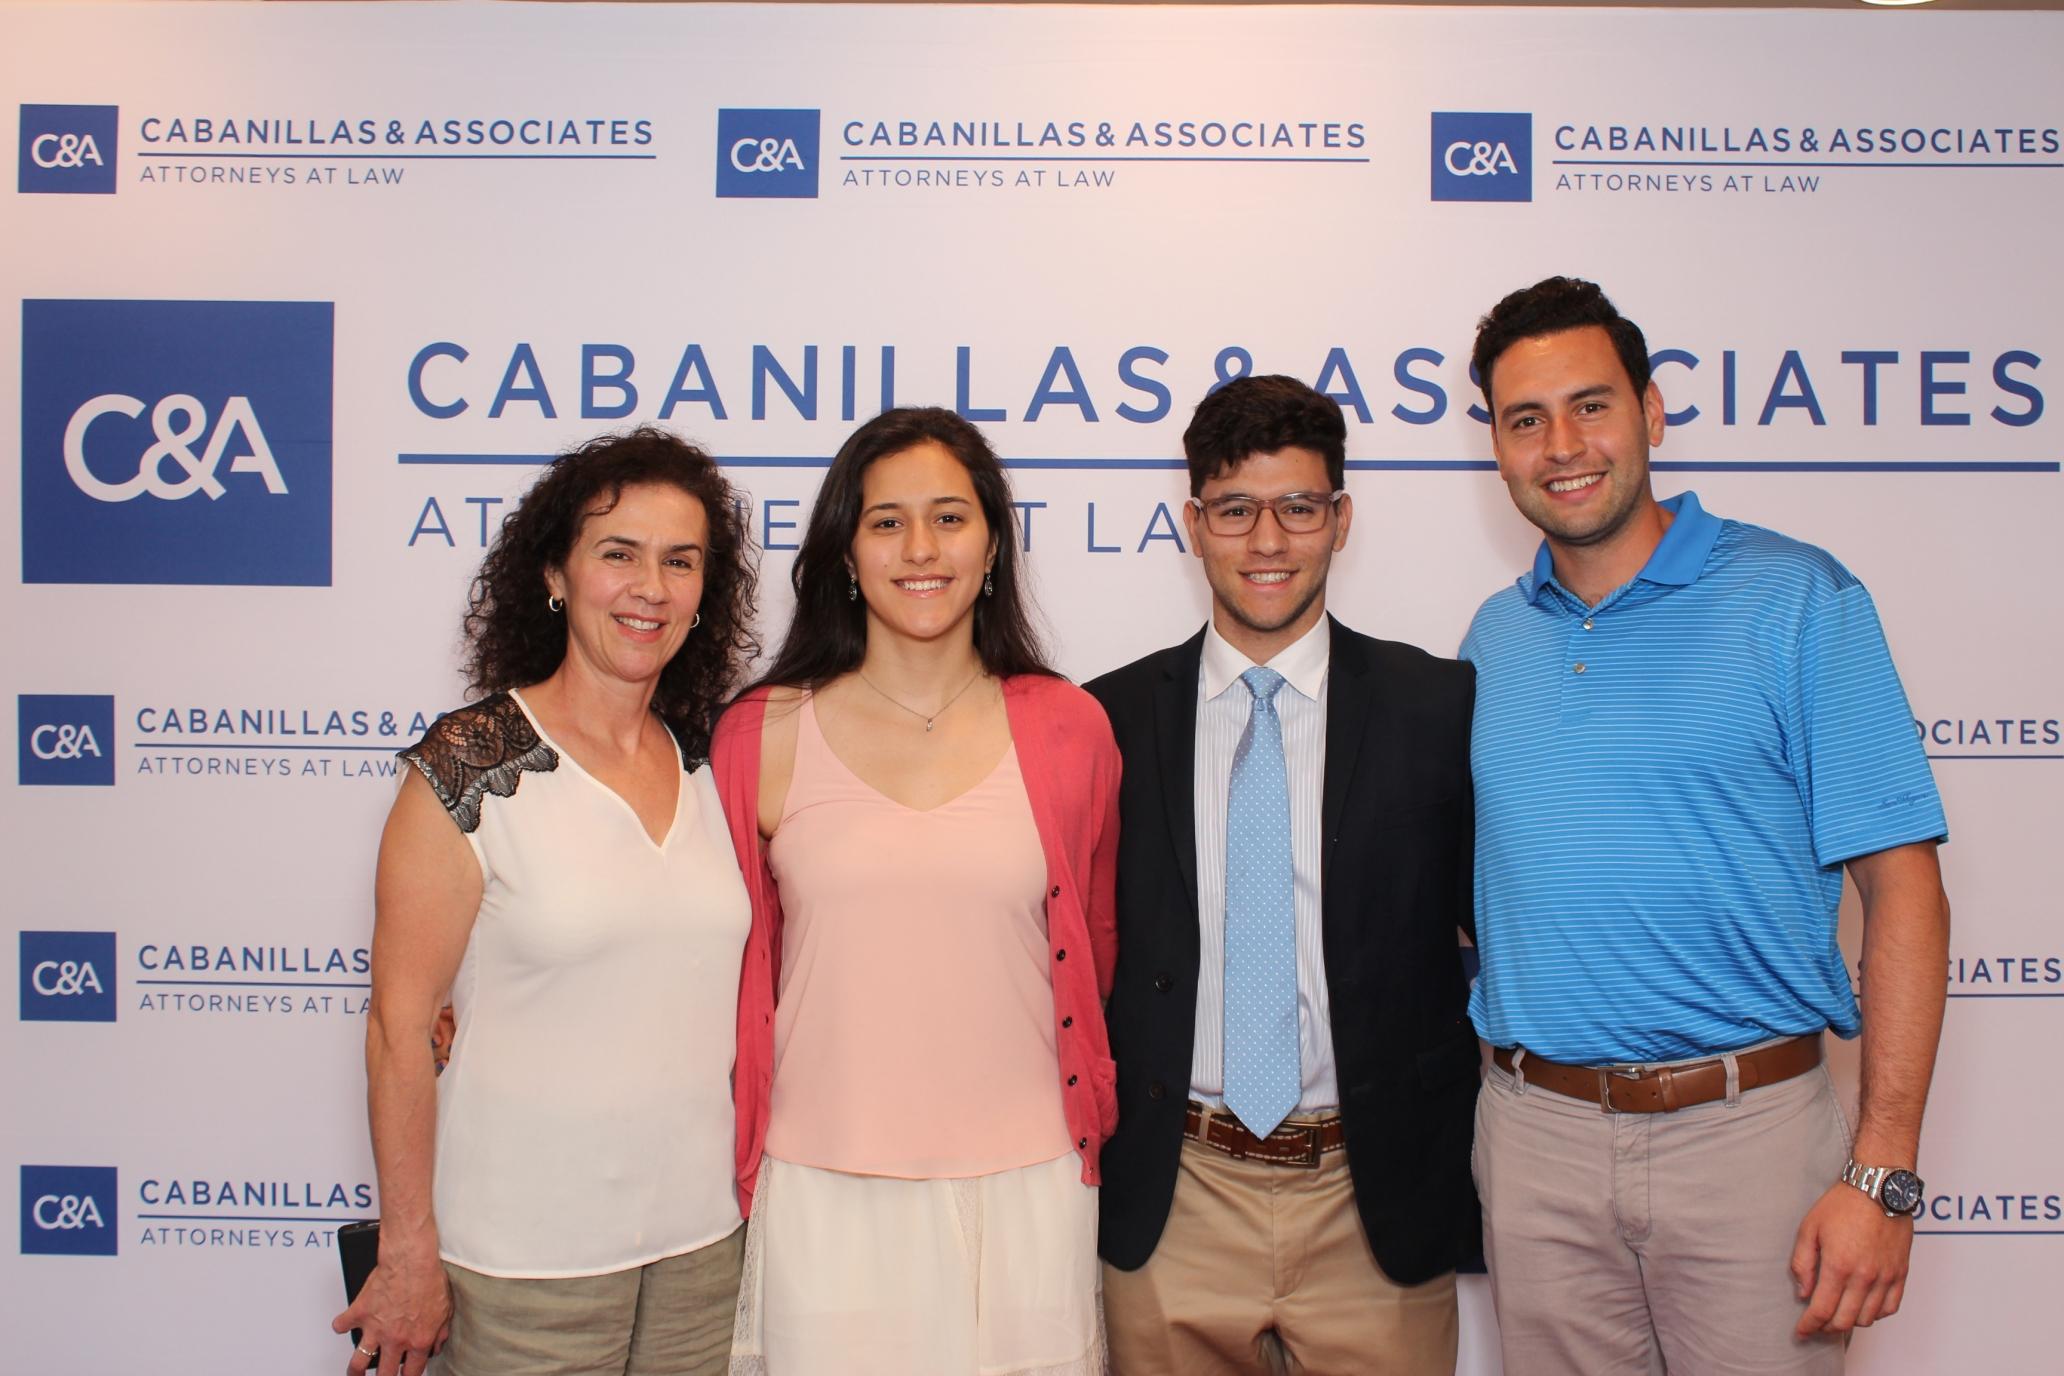 Cabanillas2018_2018-06-14_18-35-36.jpg